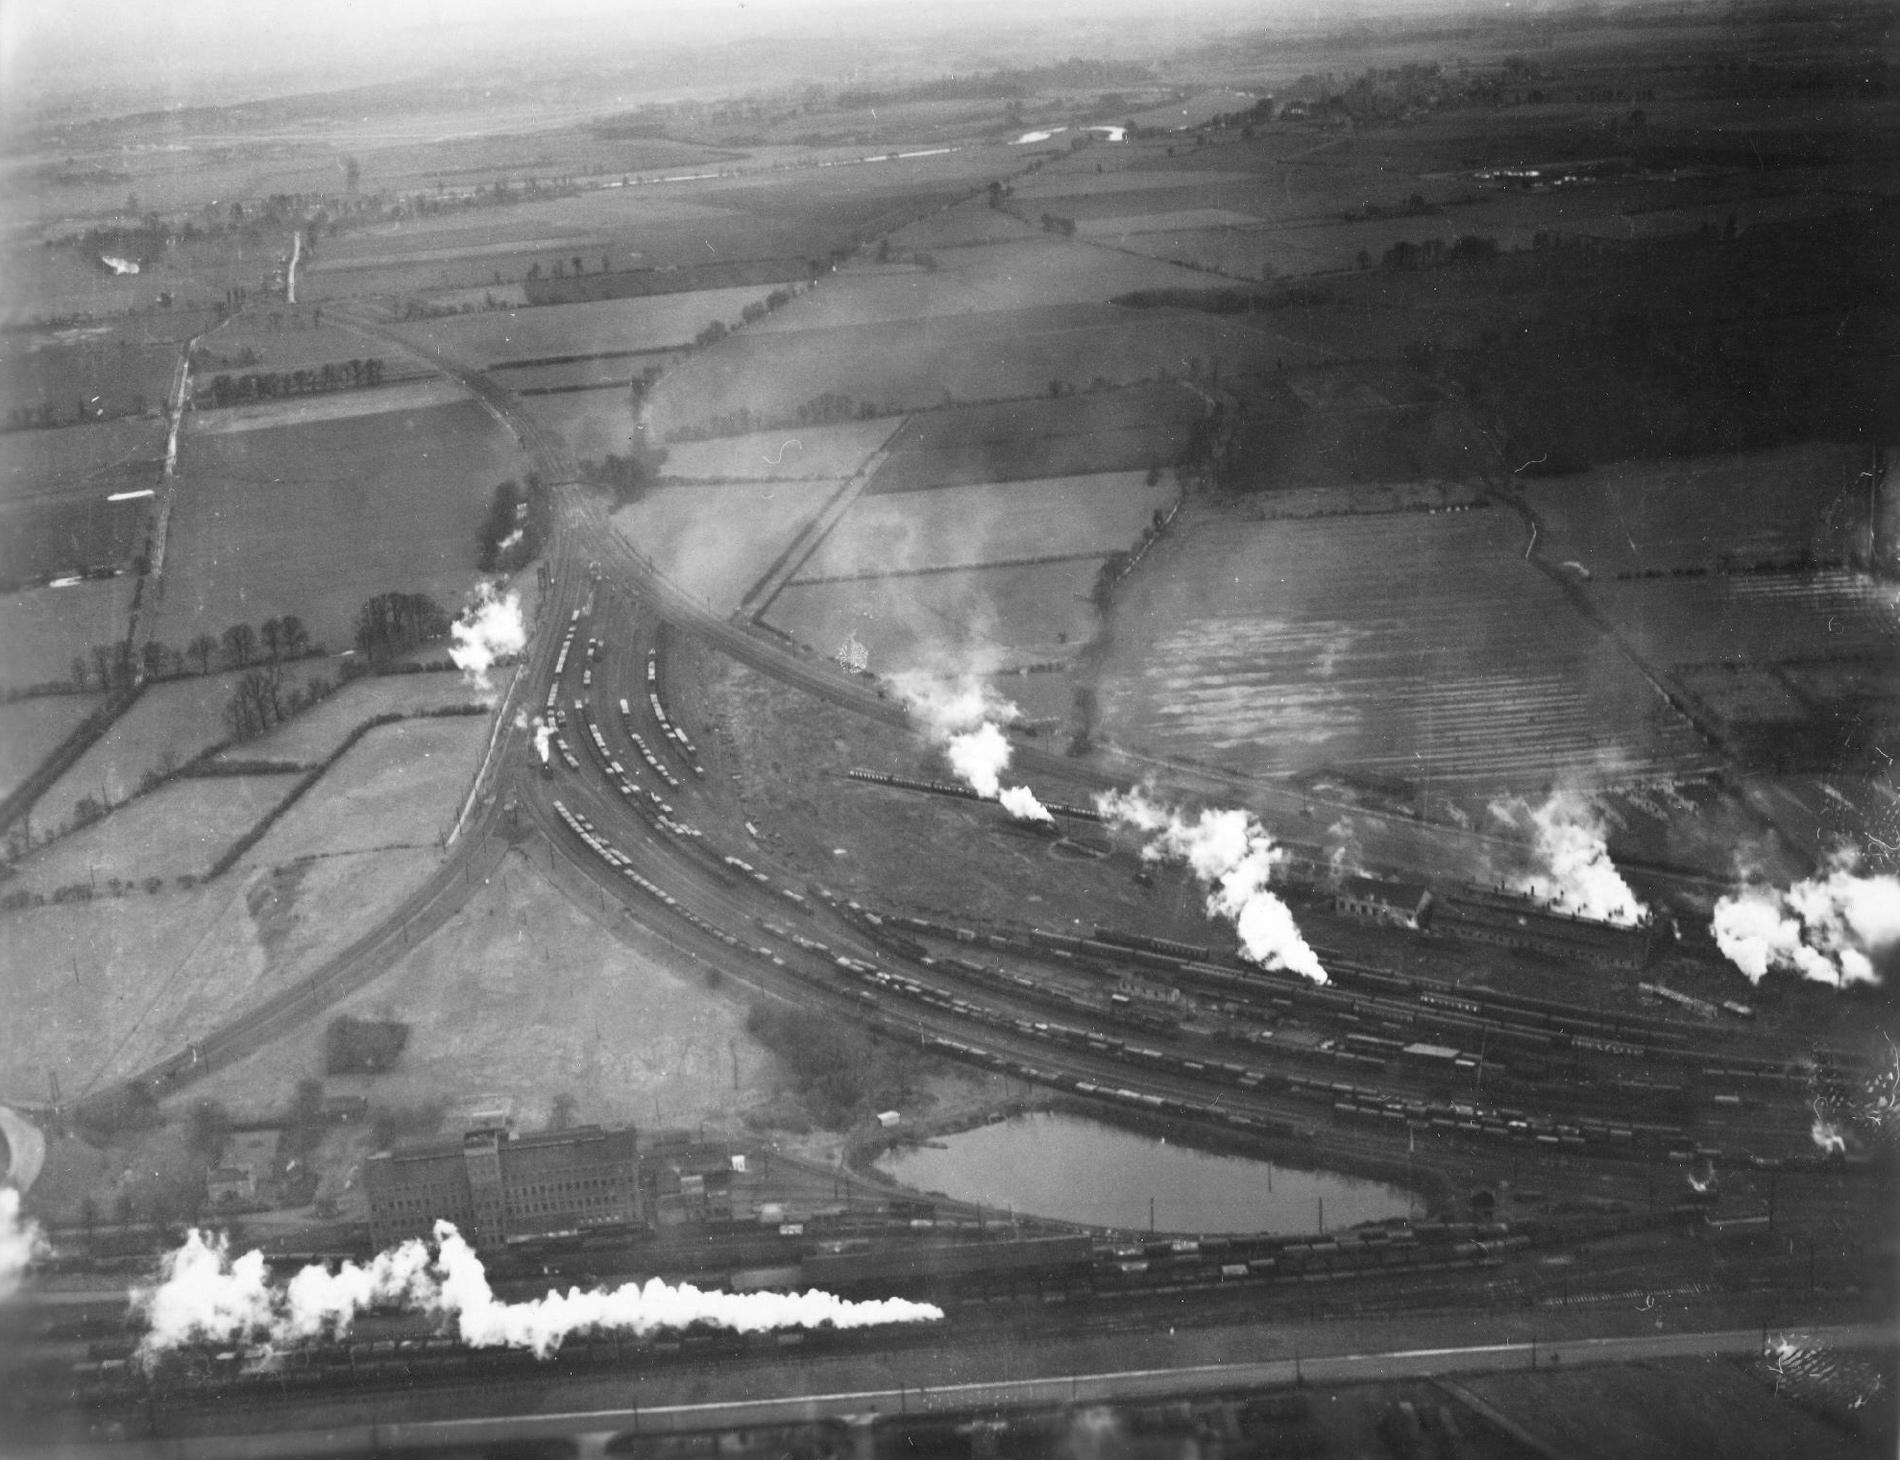 """Gleisdreieck (Eisenbahnknoten) """"Didcot Junction"""" mit Dampflokomotiven (Großbritannien)"""